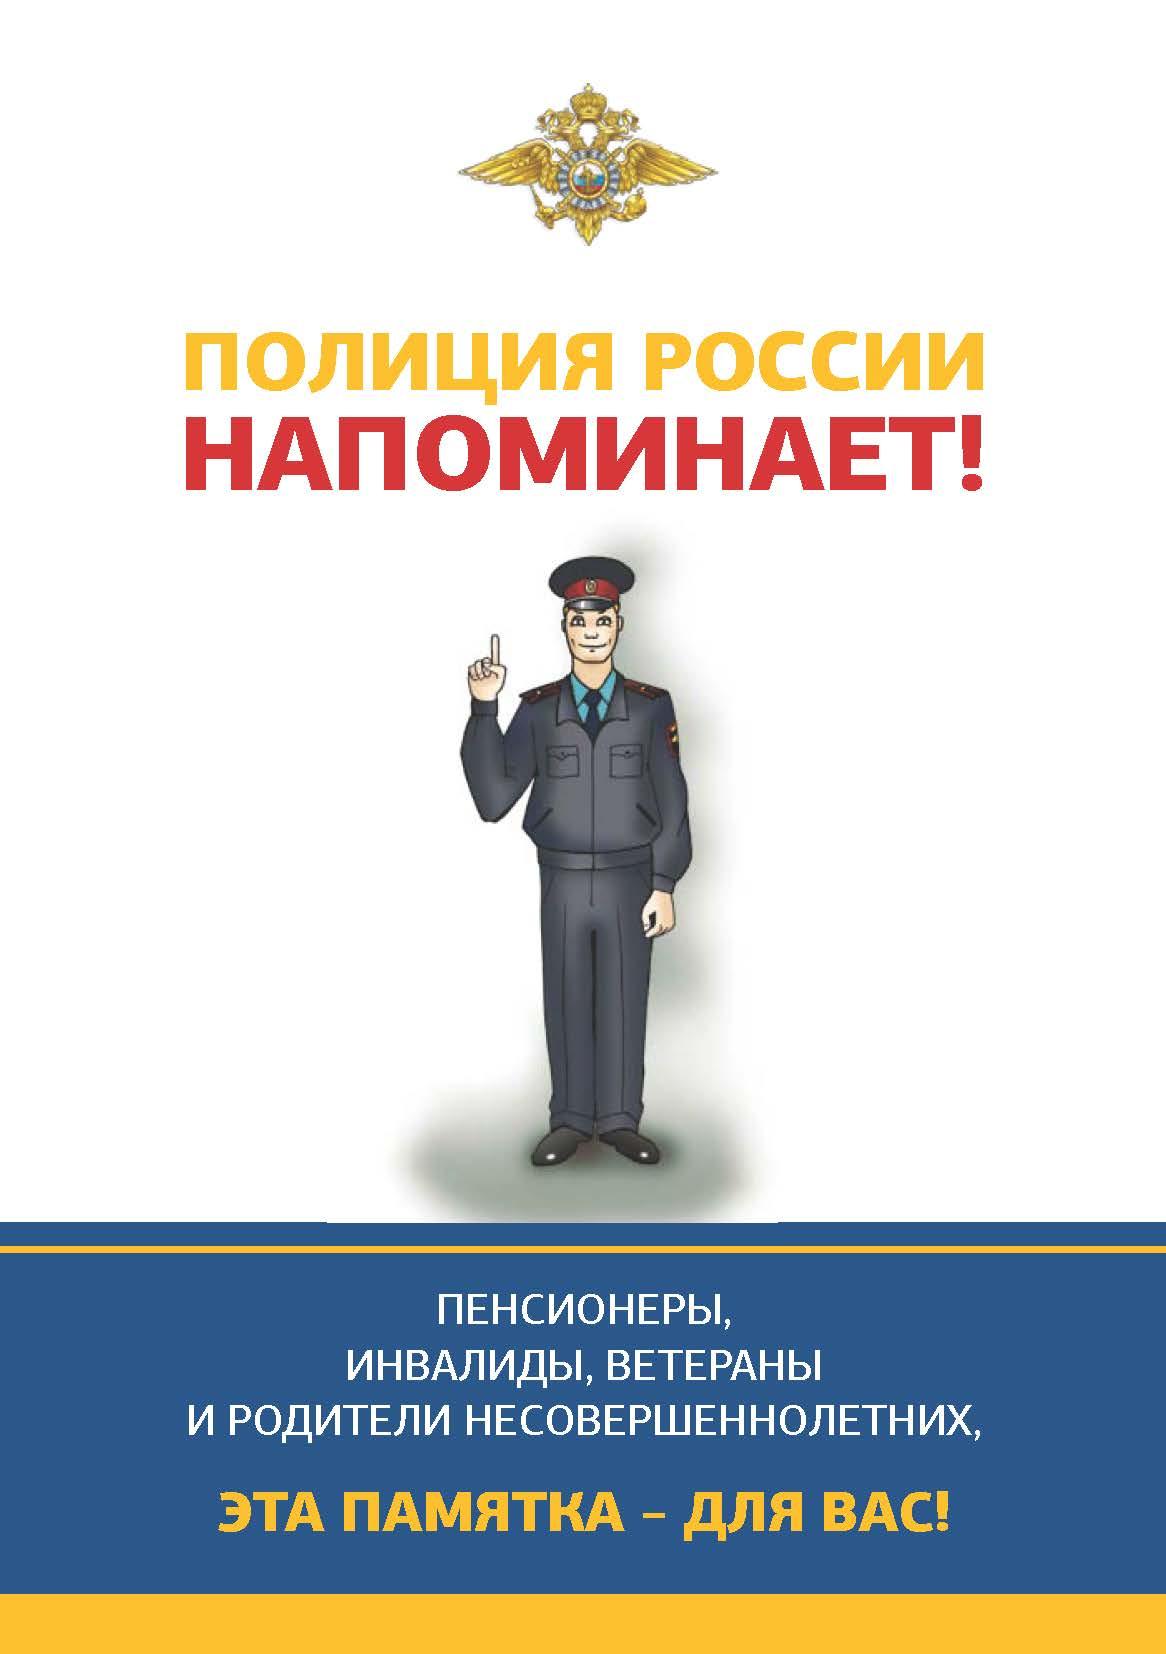 Осторожно! МОШЕННИКИ!_Страница_01